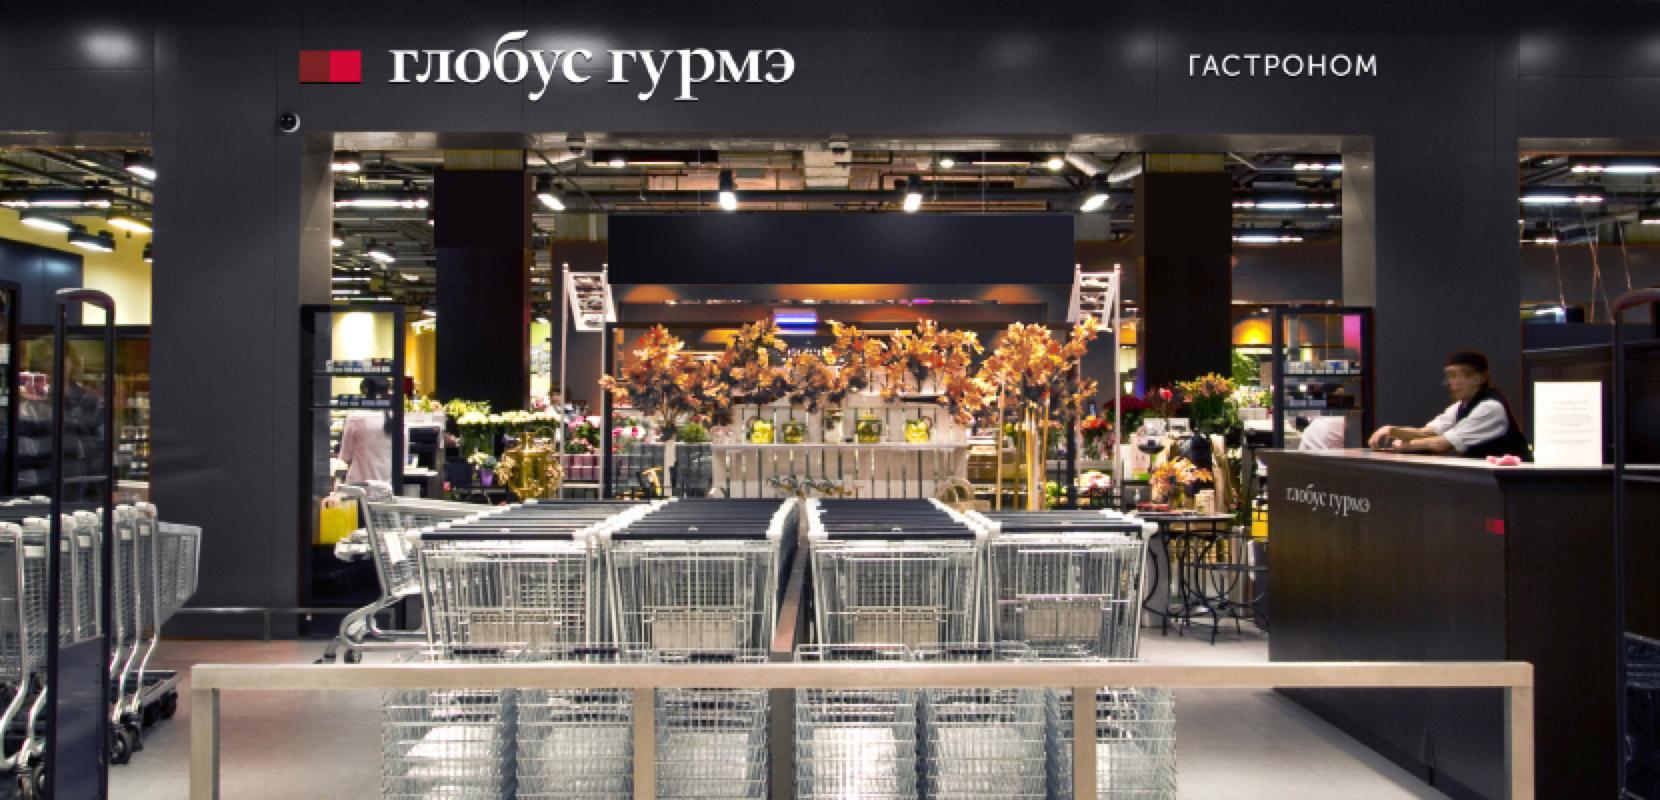 Аркадий Новиков и Антон Пинский займутся ребрендингом «Глобус Гурмэ»